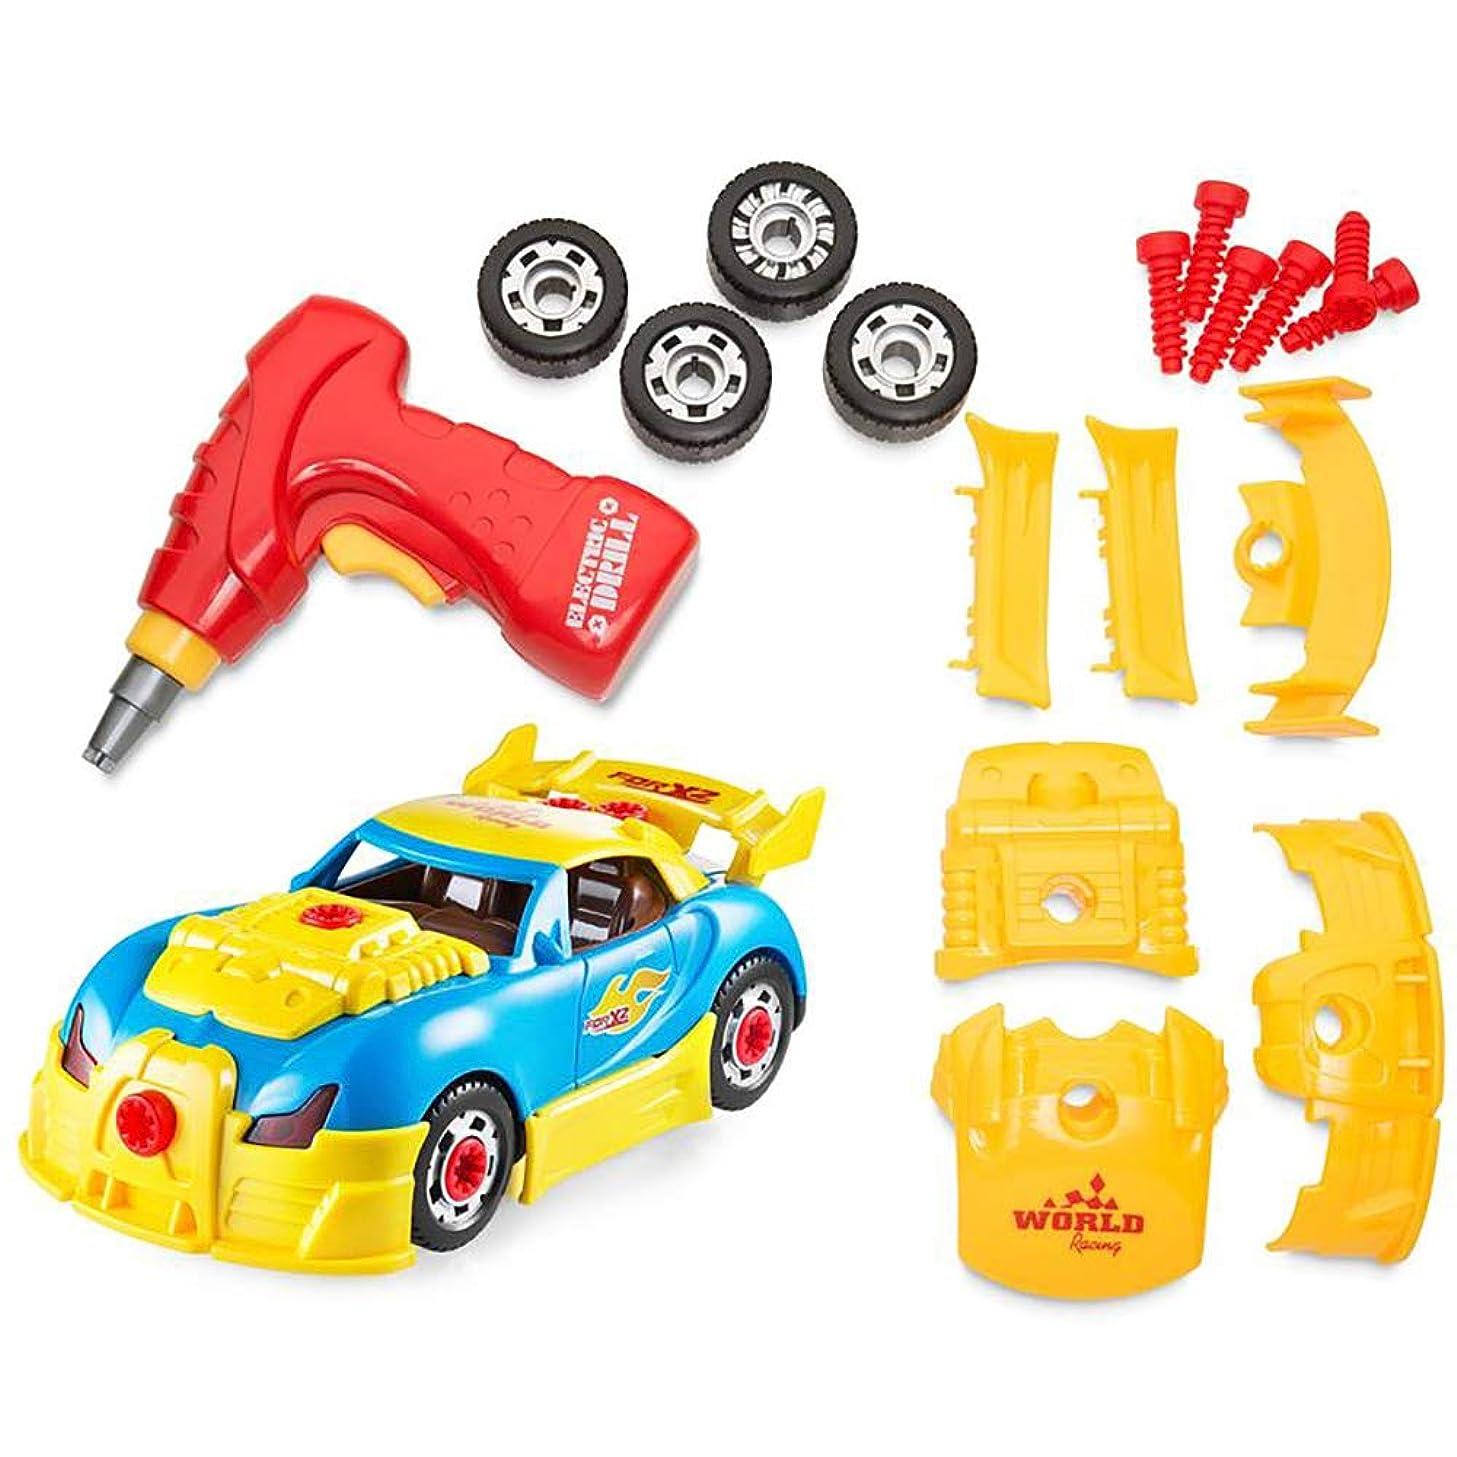 旅行煙突背景車おもちゃ 組み立ておもちゃ レーシングカーおもちゃ DIY 車セット 分解おもちゃ DIY分解おもちゃ 立体パズル 知育玩具 子供向け 誕生日 プレゼント 入園 ギフト人気 贈り物